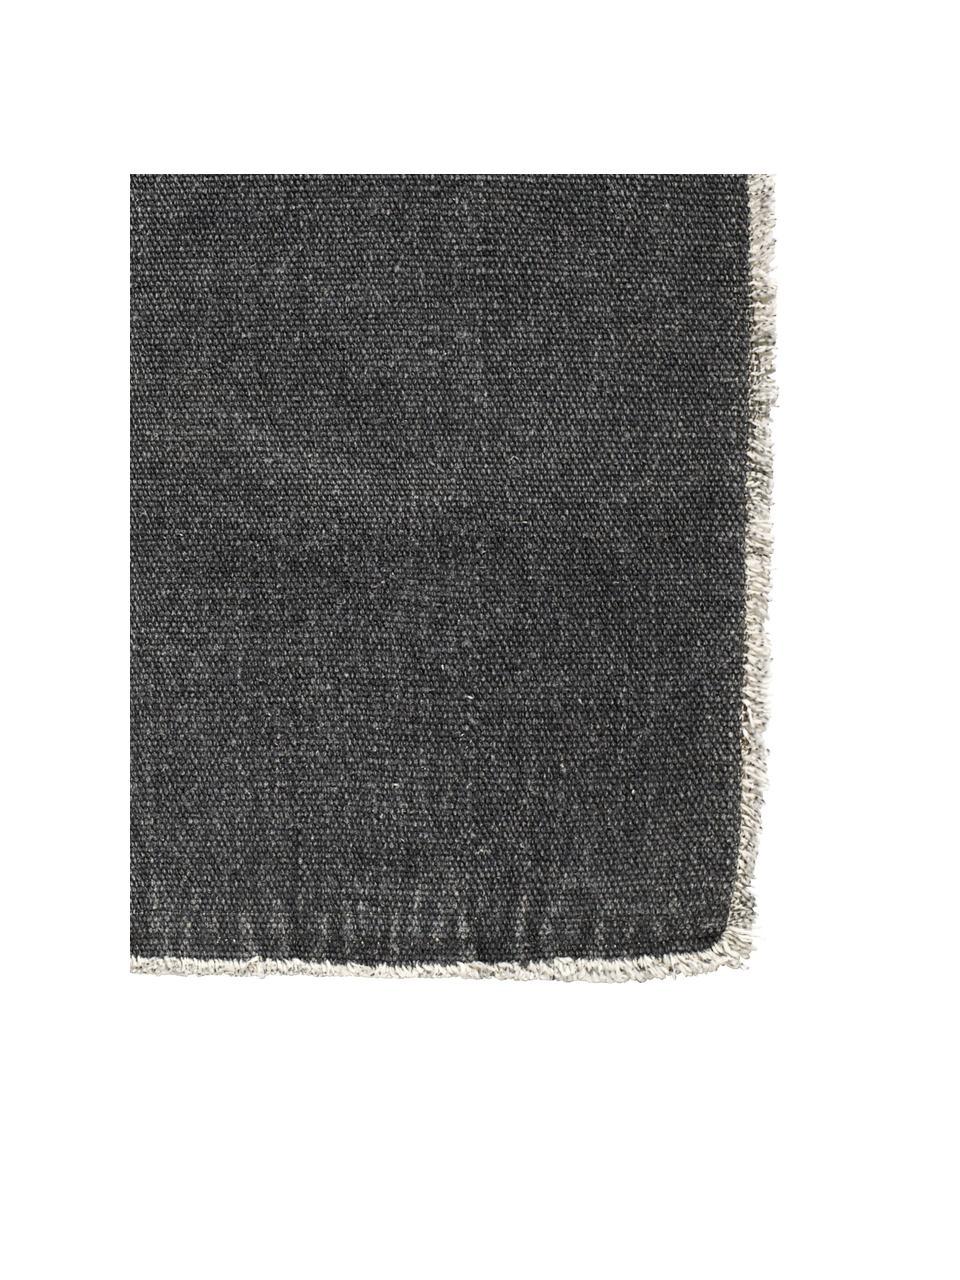 Tovaglietta americana Edge 6 pz, Misto cotone, stonewashed, Grigio scuro, Larg. 33 x Lung. 48 cm